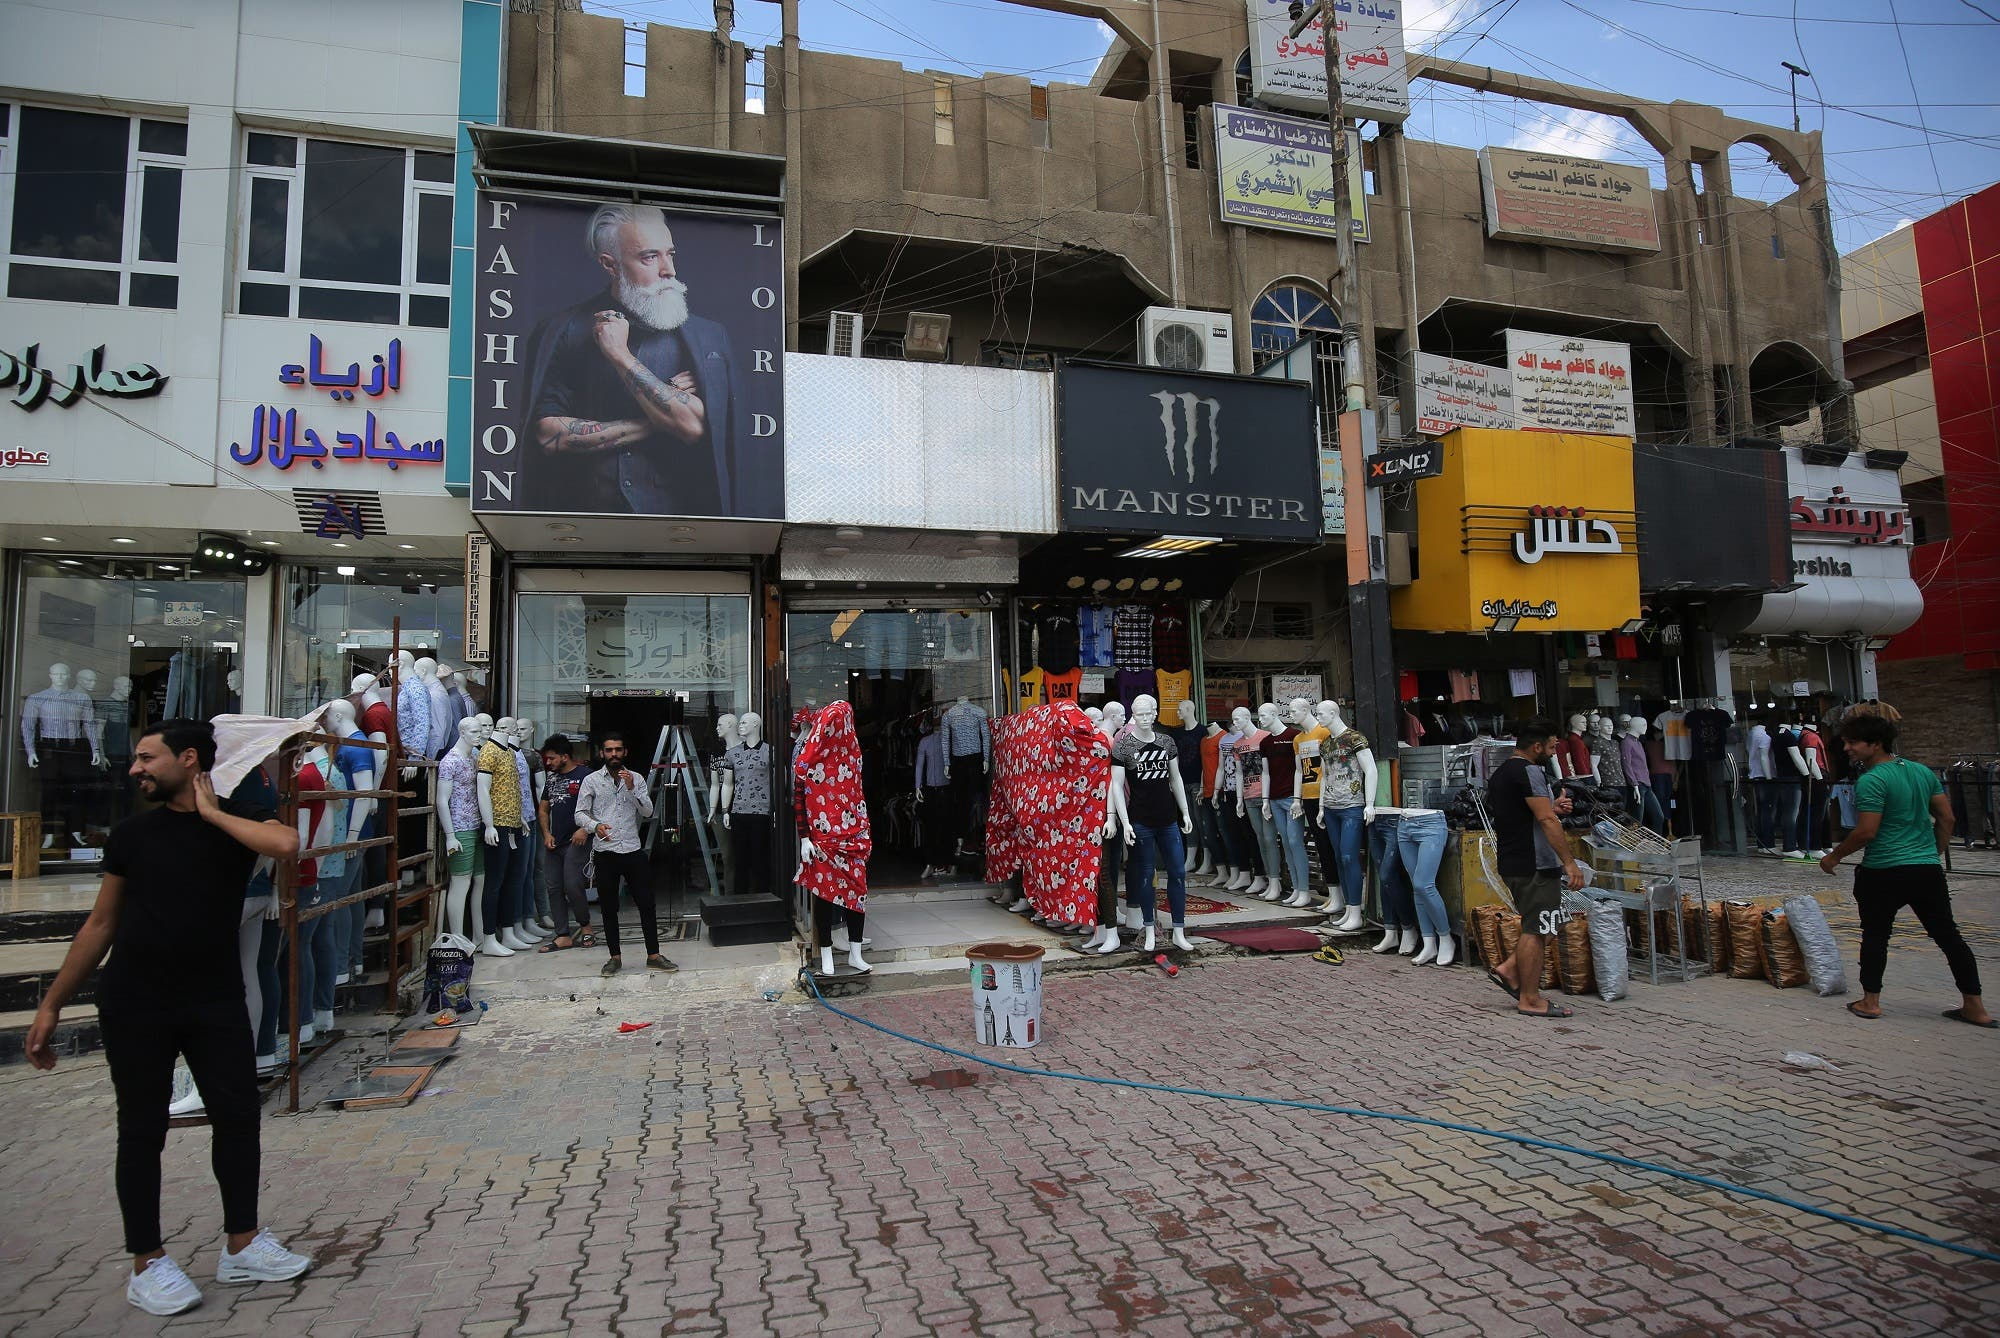 Baghdad Iraq shops - AFP